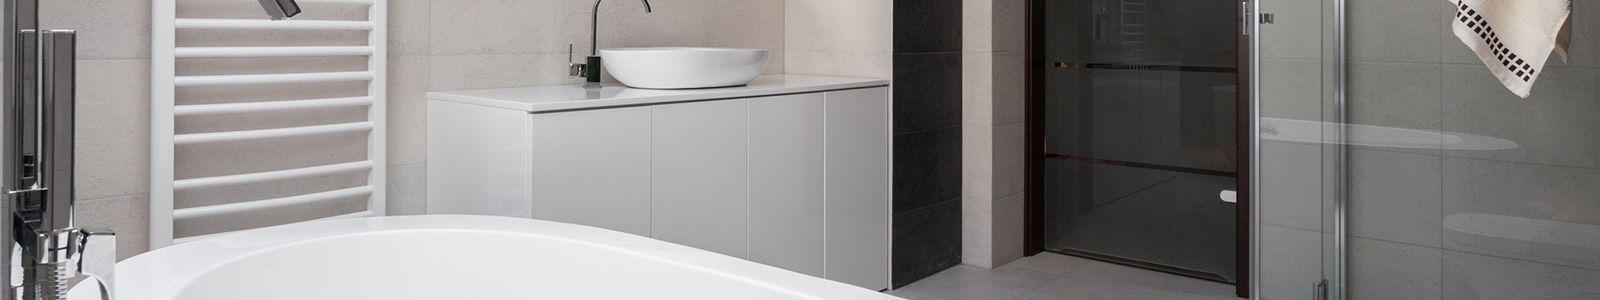 site internet pour cr ateurs de salles de bain. Black Bedroom Furniture Sets. Home Design Ideas